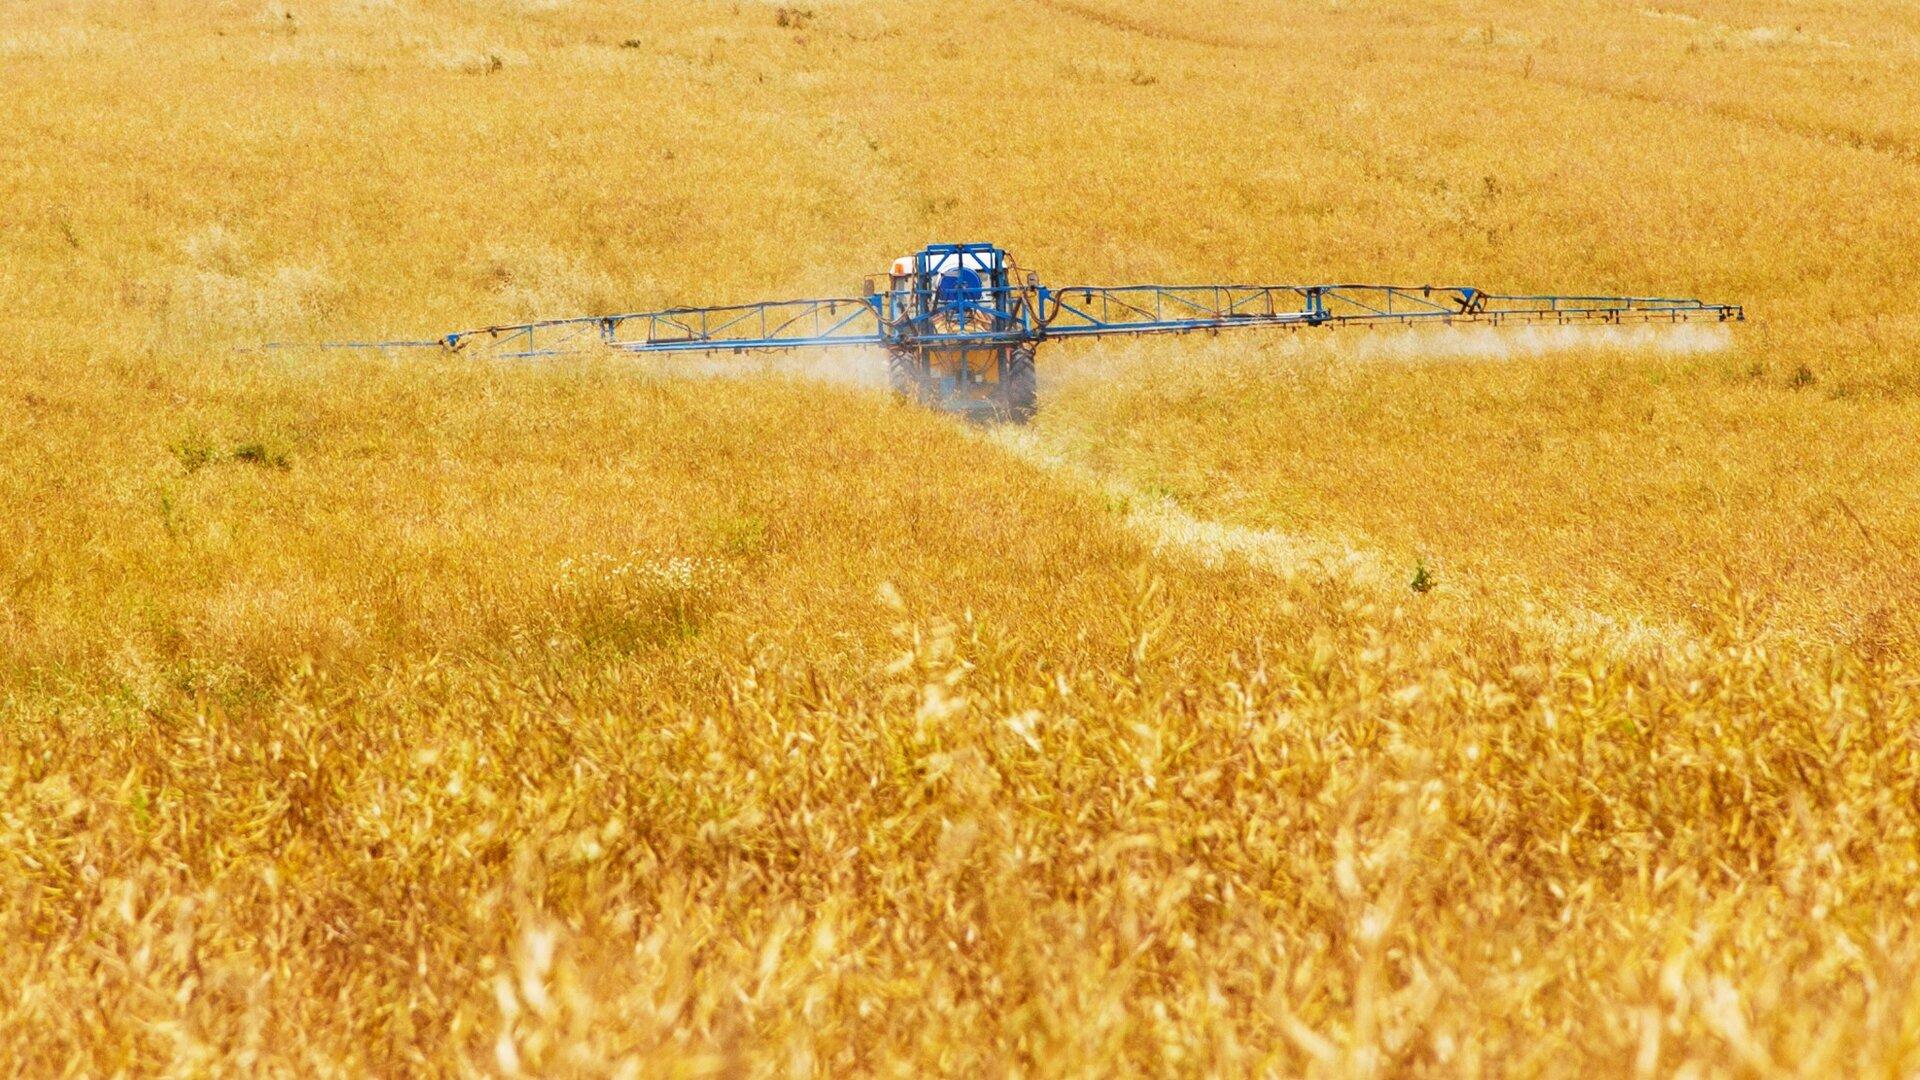 Zdjęcie przedstawia pole zboża. Cały kadr wypełniony złocistymi kłosami, nie widać nieba. Wcentralnej części pola traktor zszerokim ramieniem do opryskiwania zamontowanym wtylnej części opryskuje zboże.